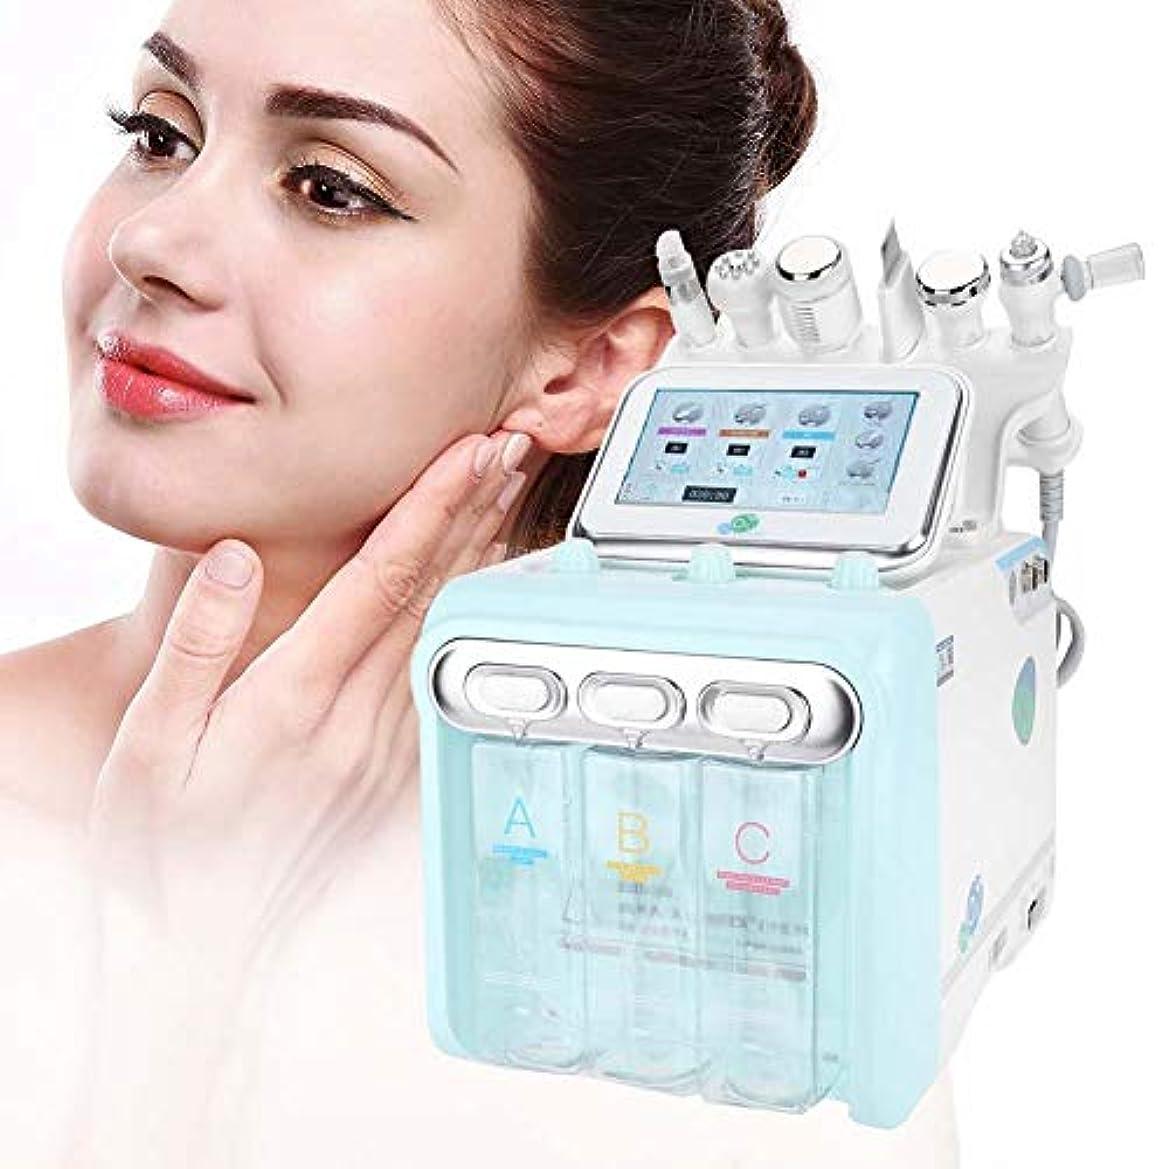 デコラティブバスルームパンダフェイスケアマシン、6で1プロフェッショナル水素酸素美容デバイス、水注入器具、スパサロン機器クリーニング肌の若返り(EUプラグ)